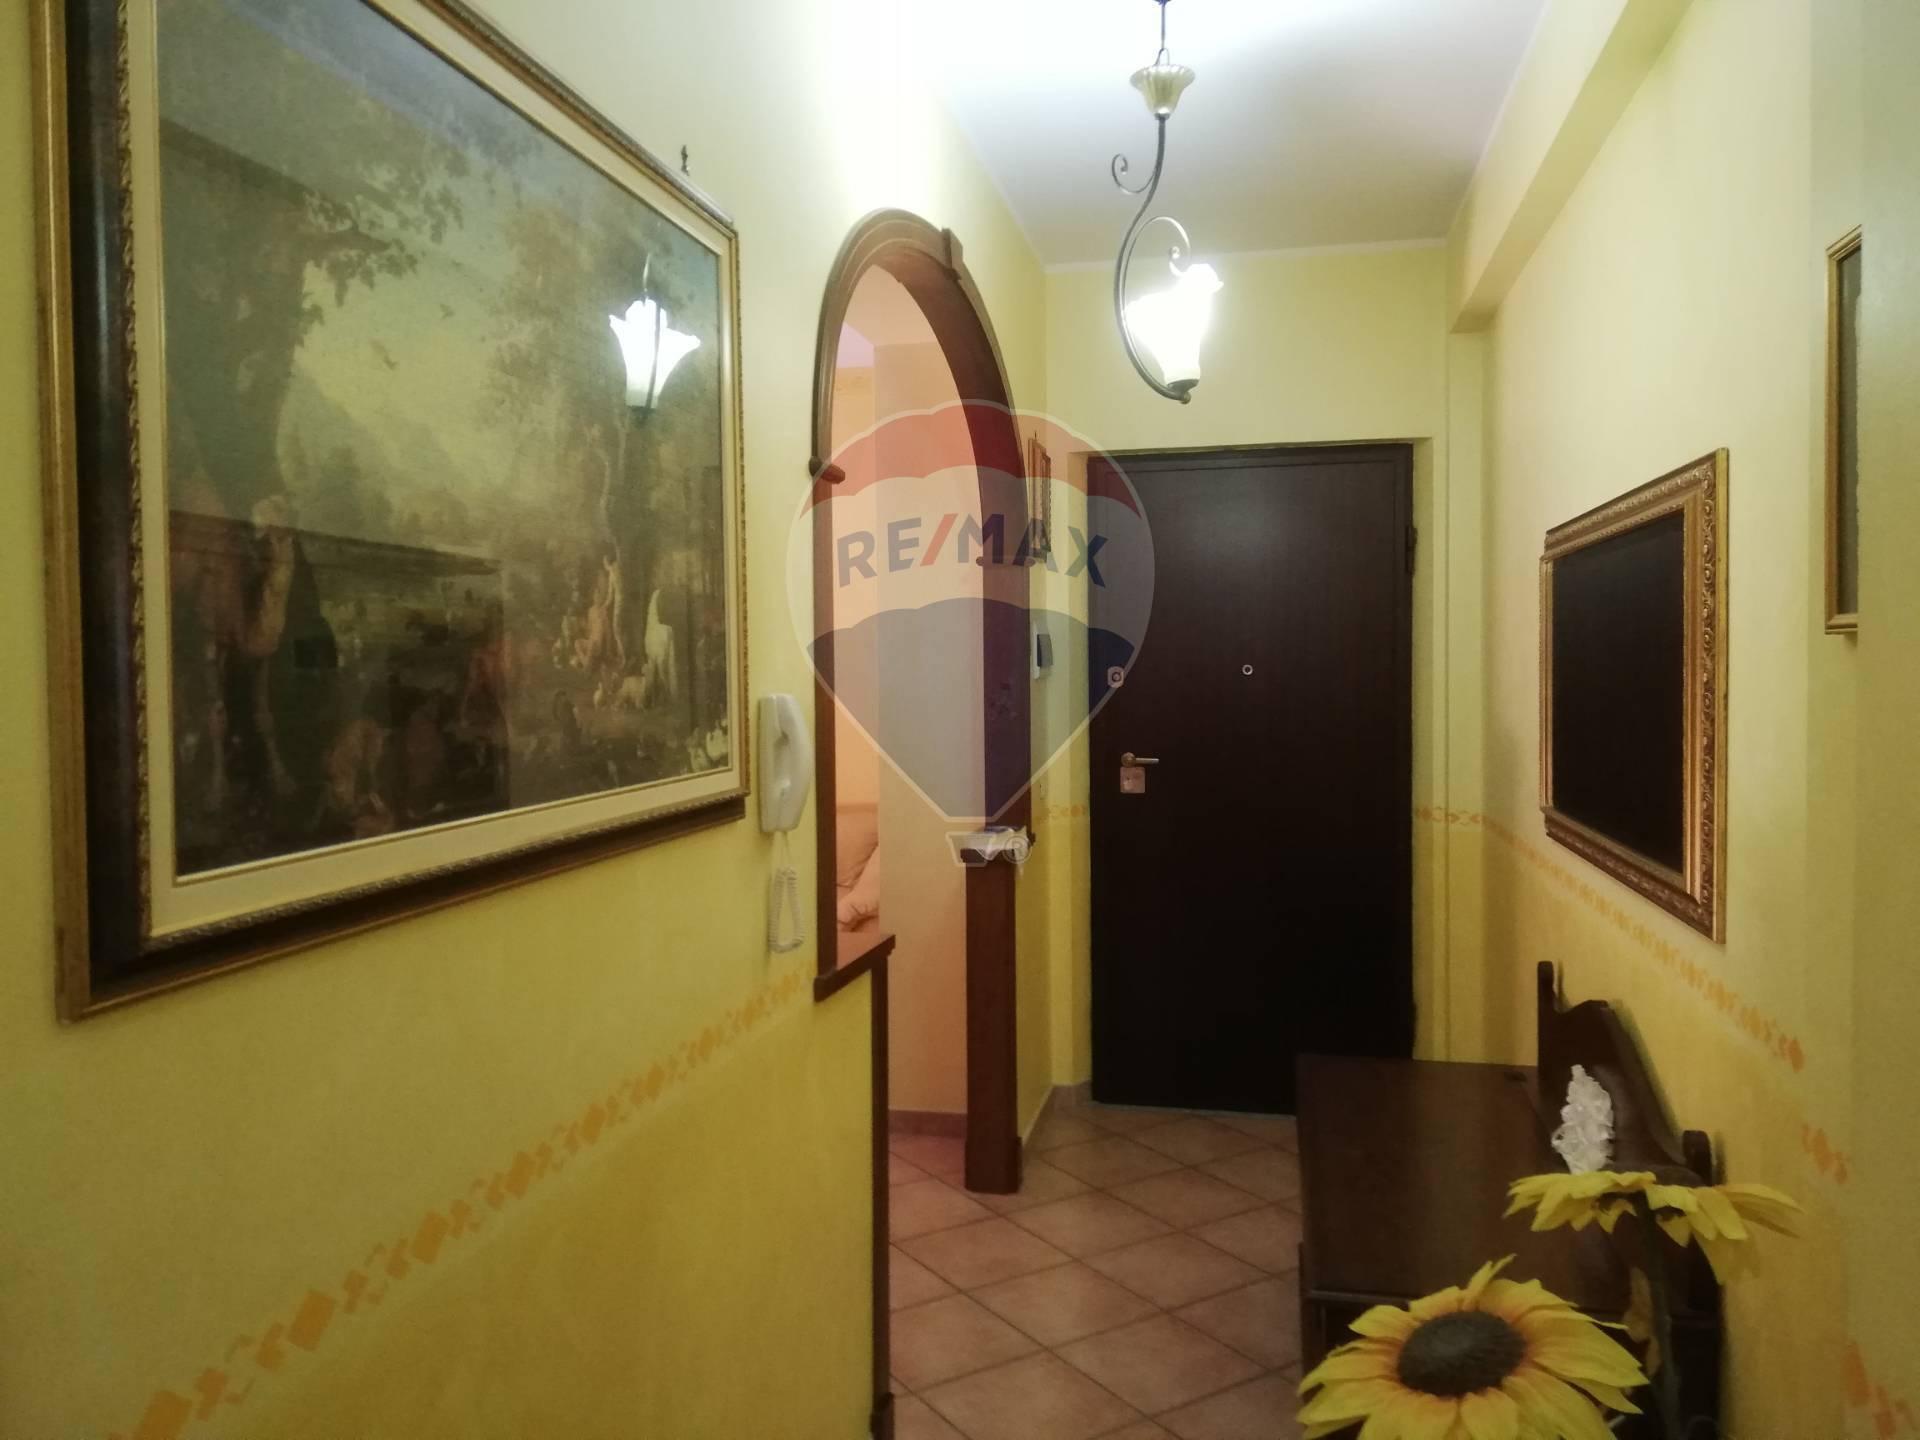 Appartamento in vendita a Gaggi, 5 locali, prezzo € 110.000 | CambioCasa.it